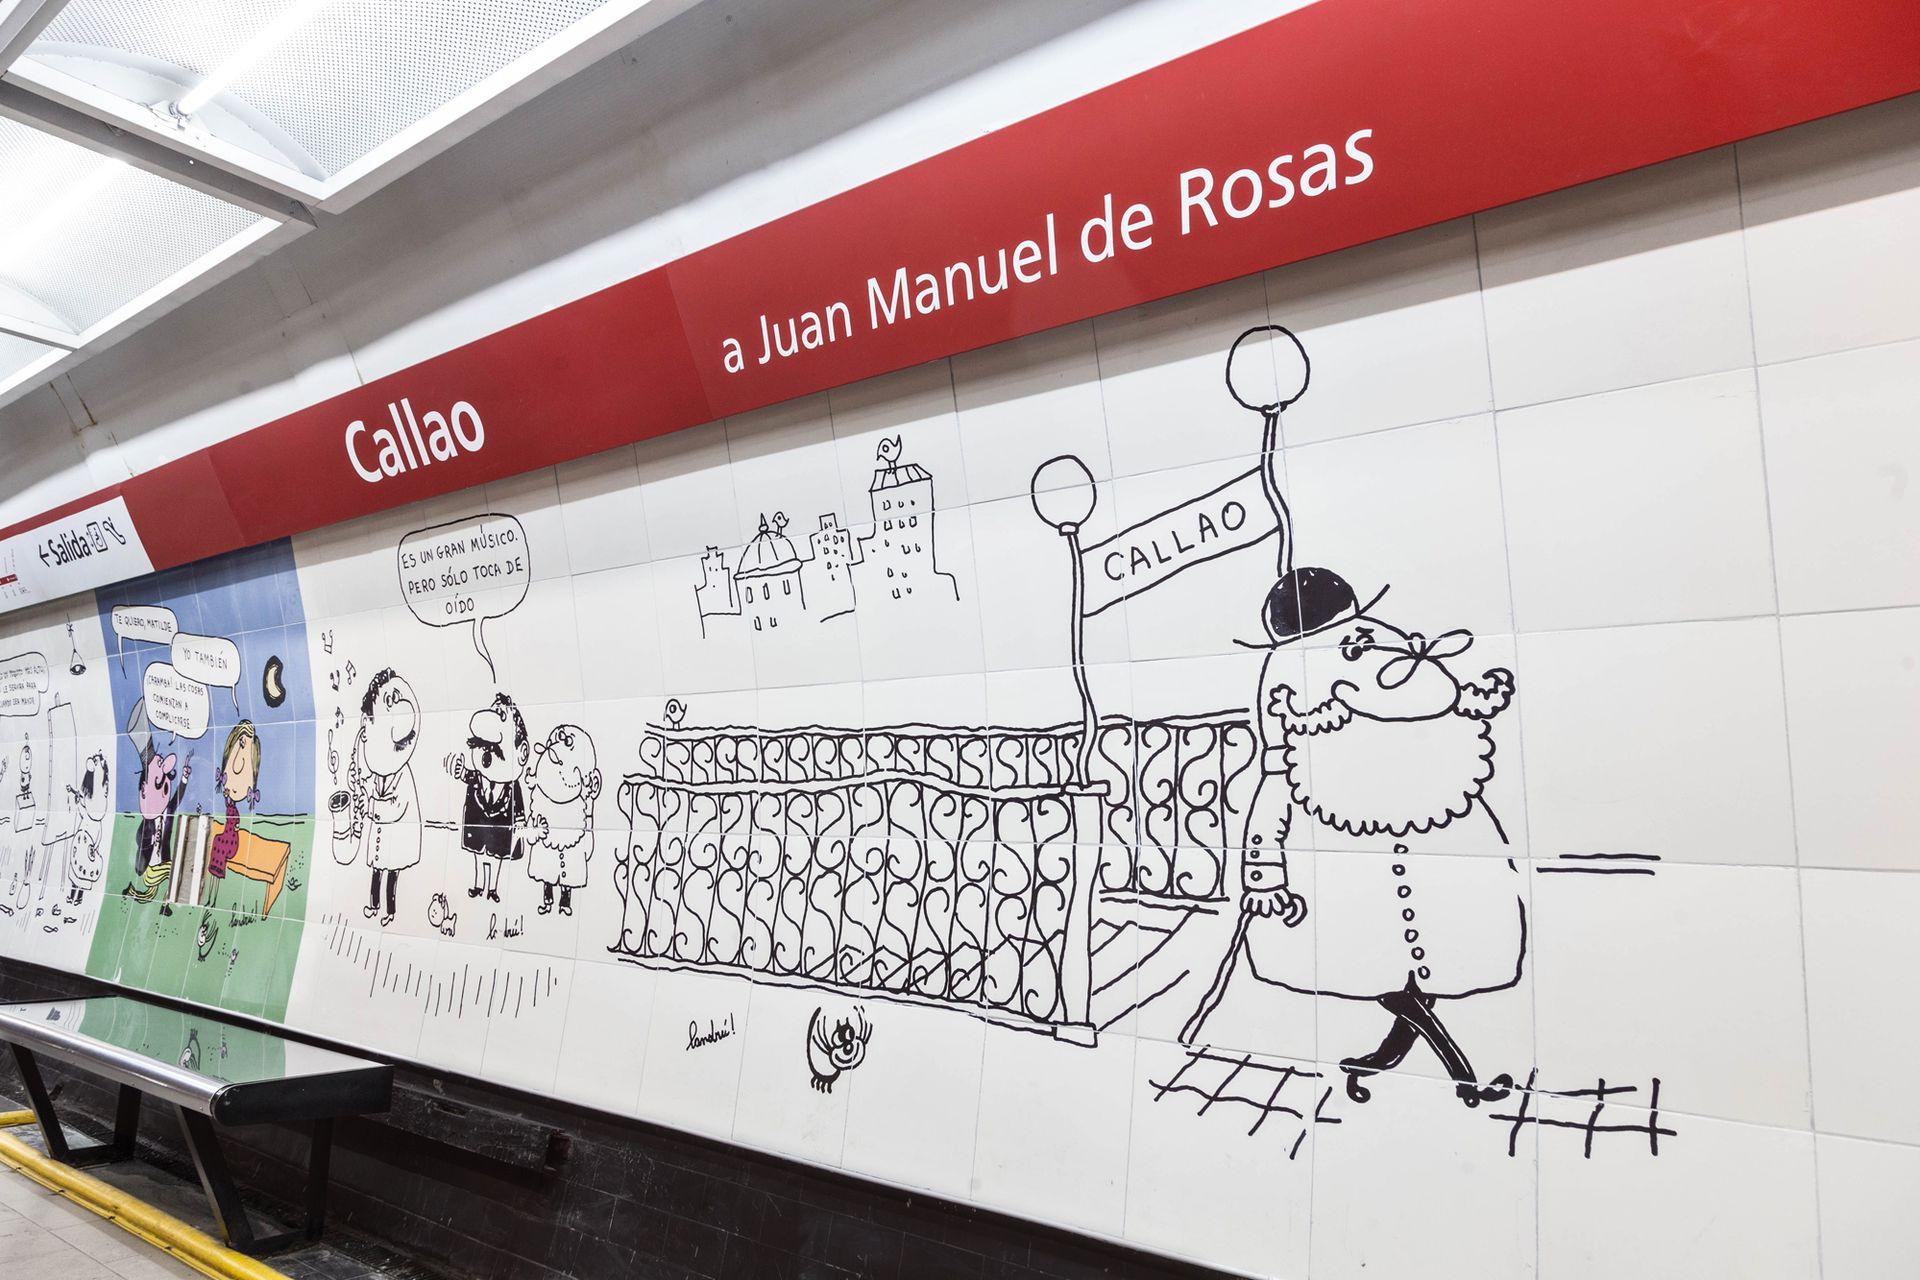 El mural en homenaje a Landrú que se puede ver en la estación Callao de la línea E de subte